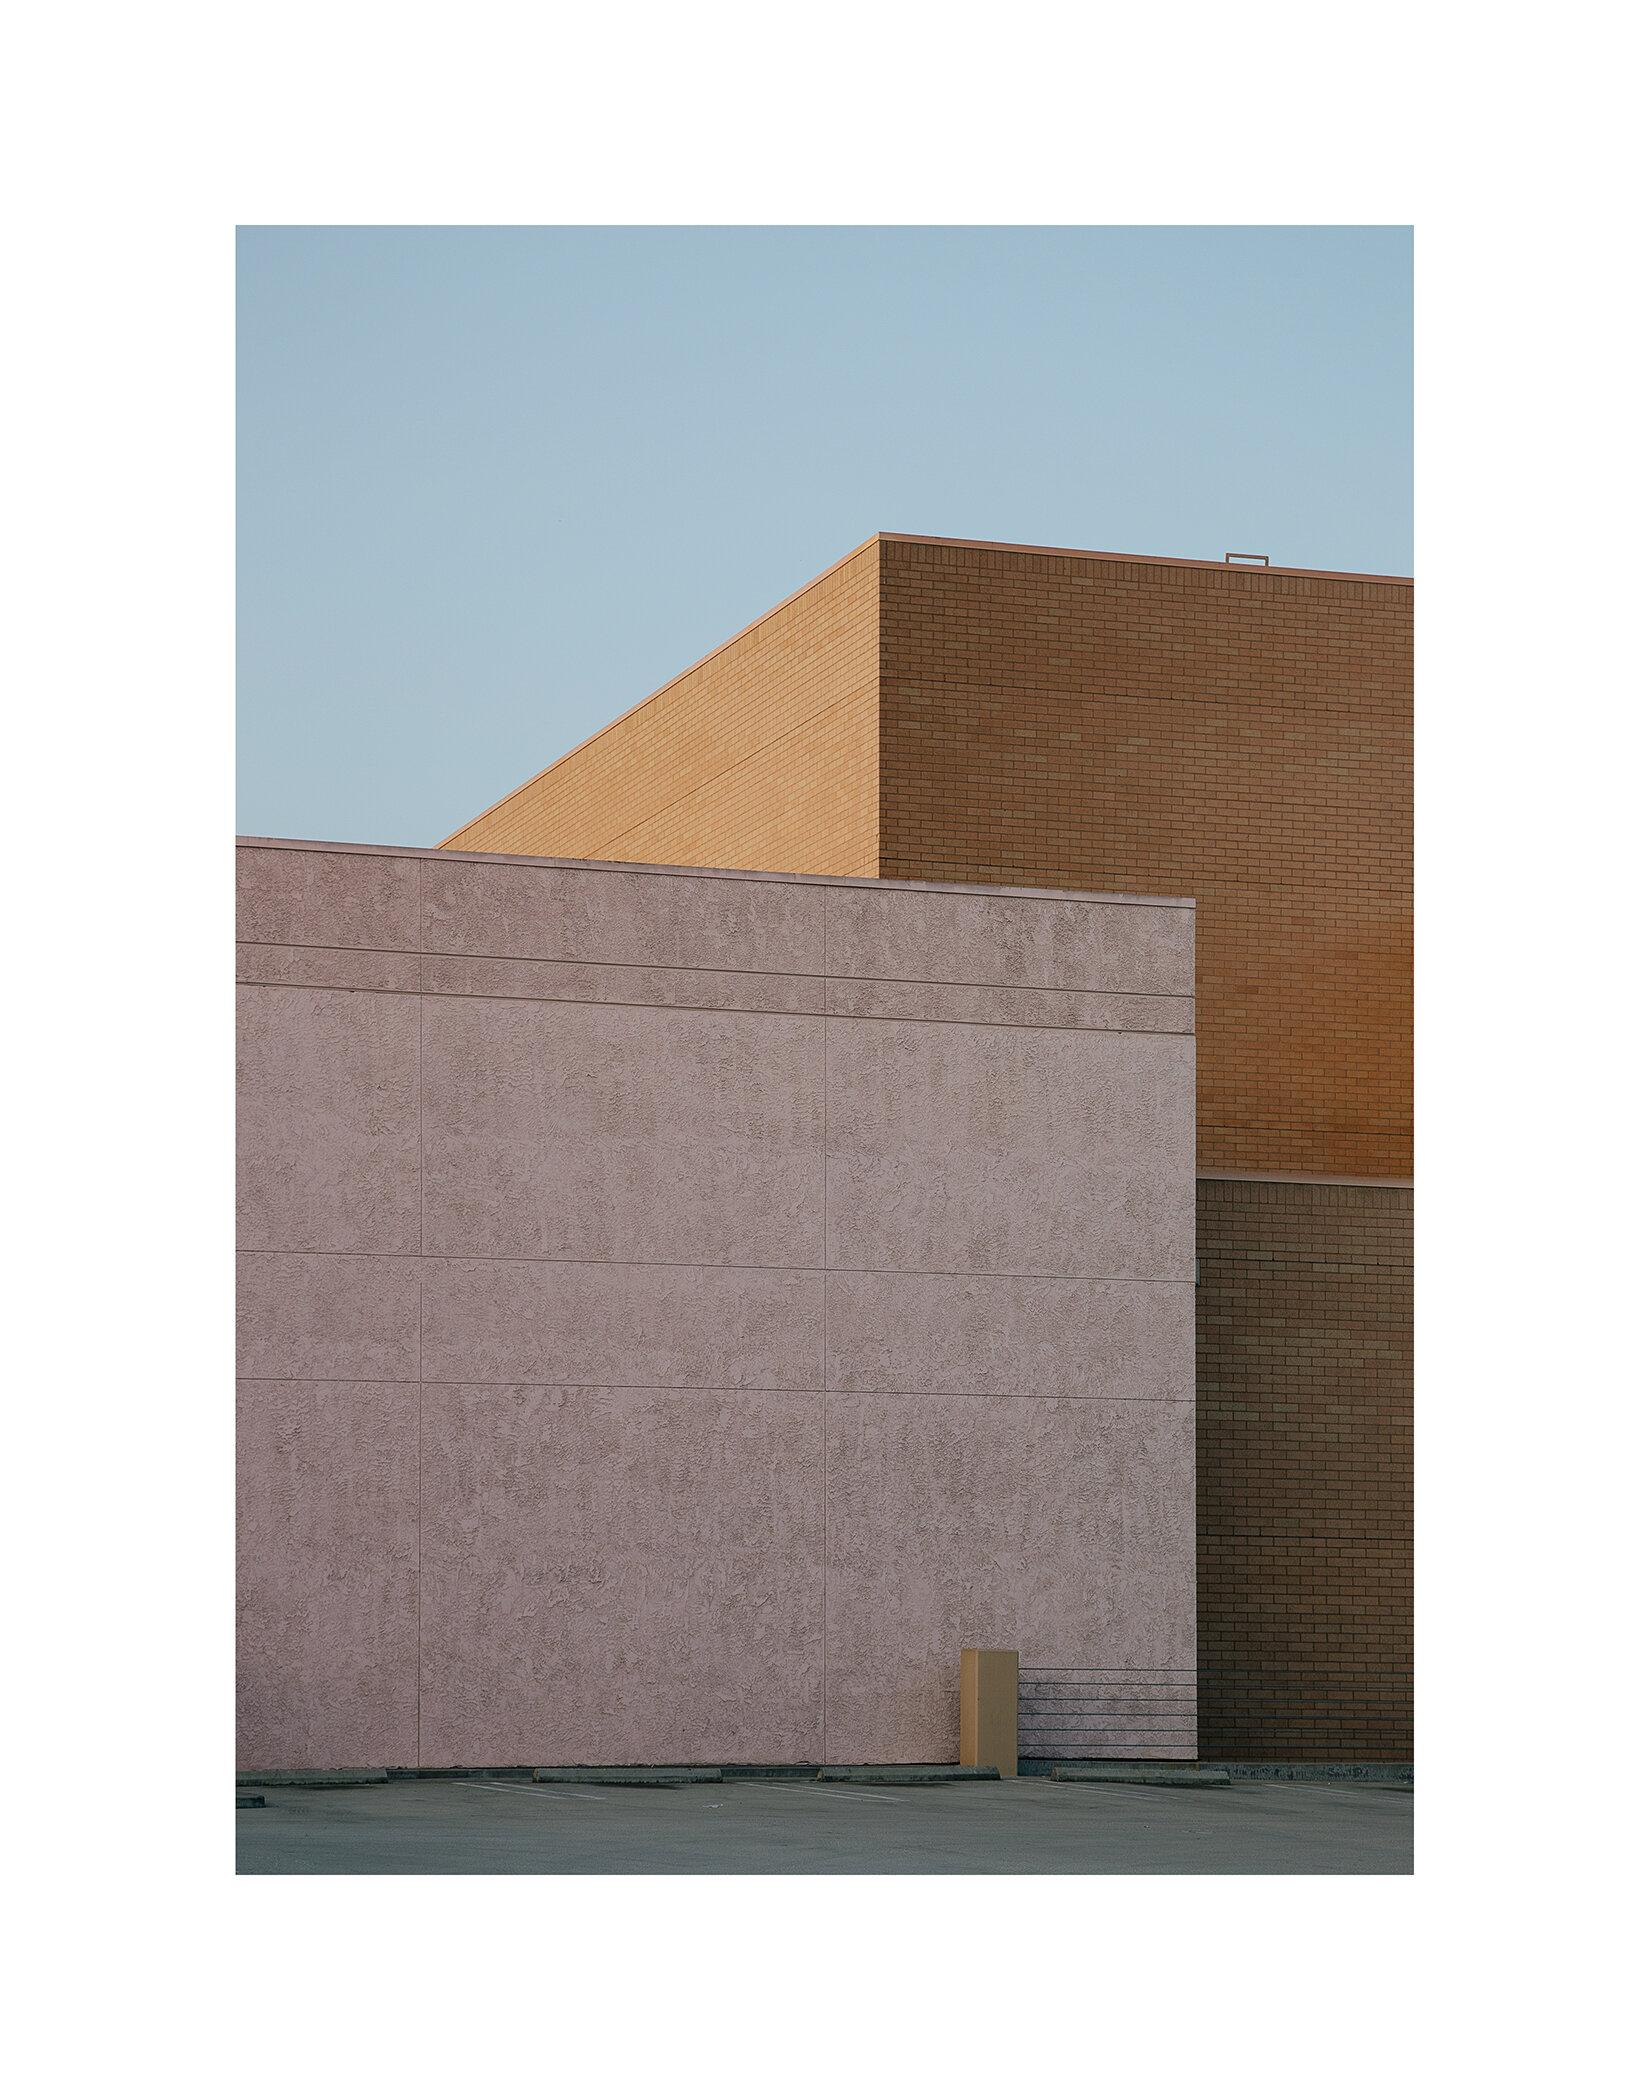 Solo Show, Urban Blocks/Brea, CA - Rachelle Mendez